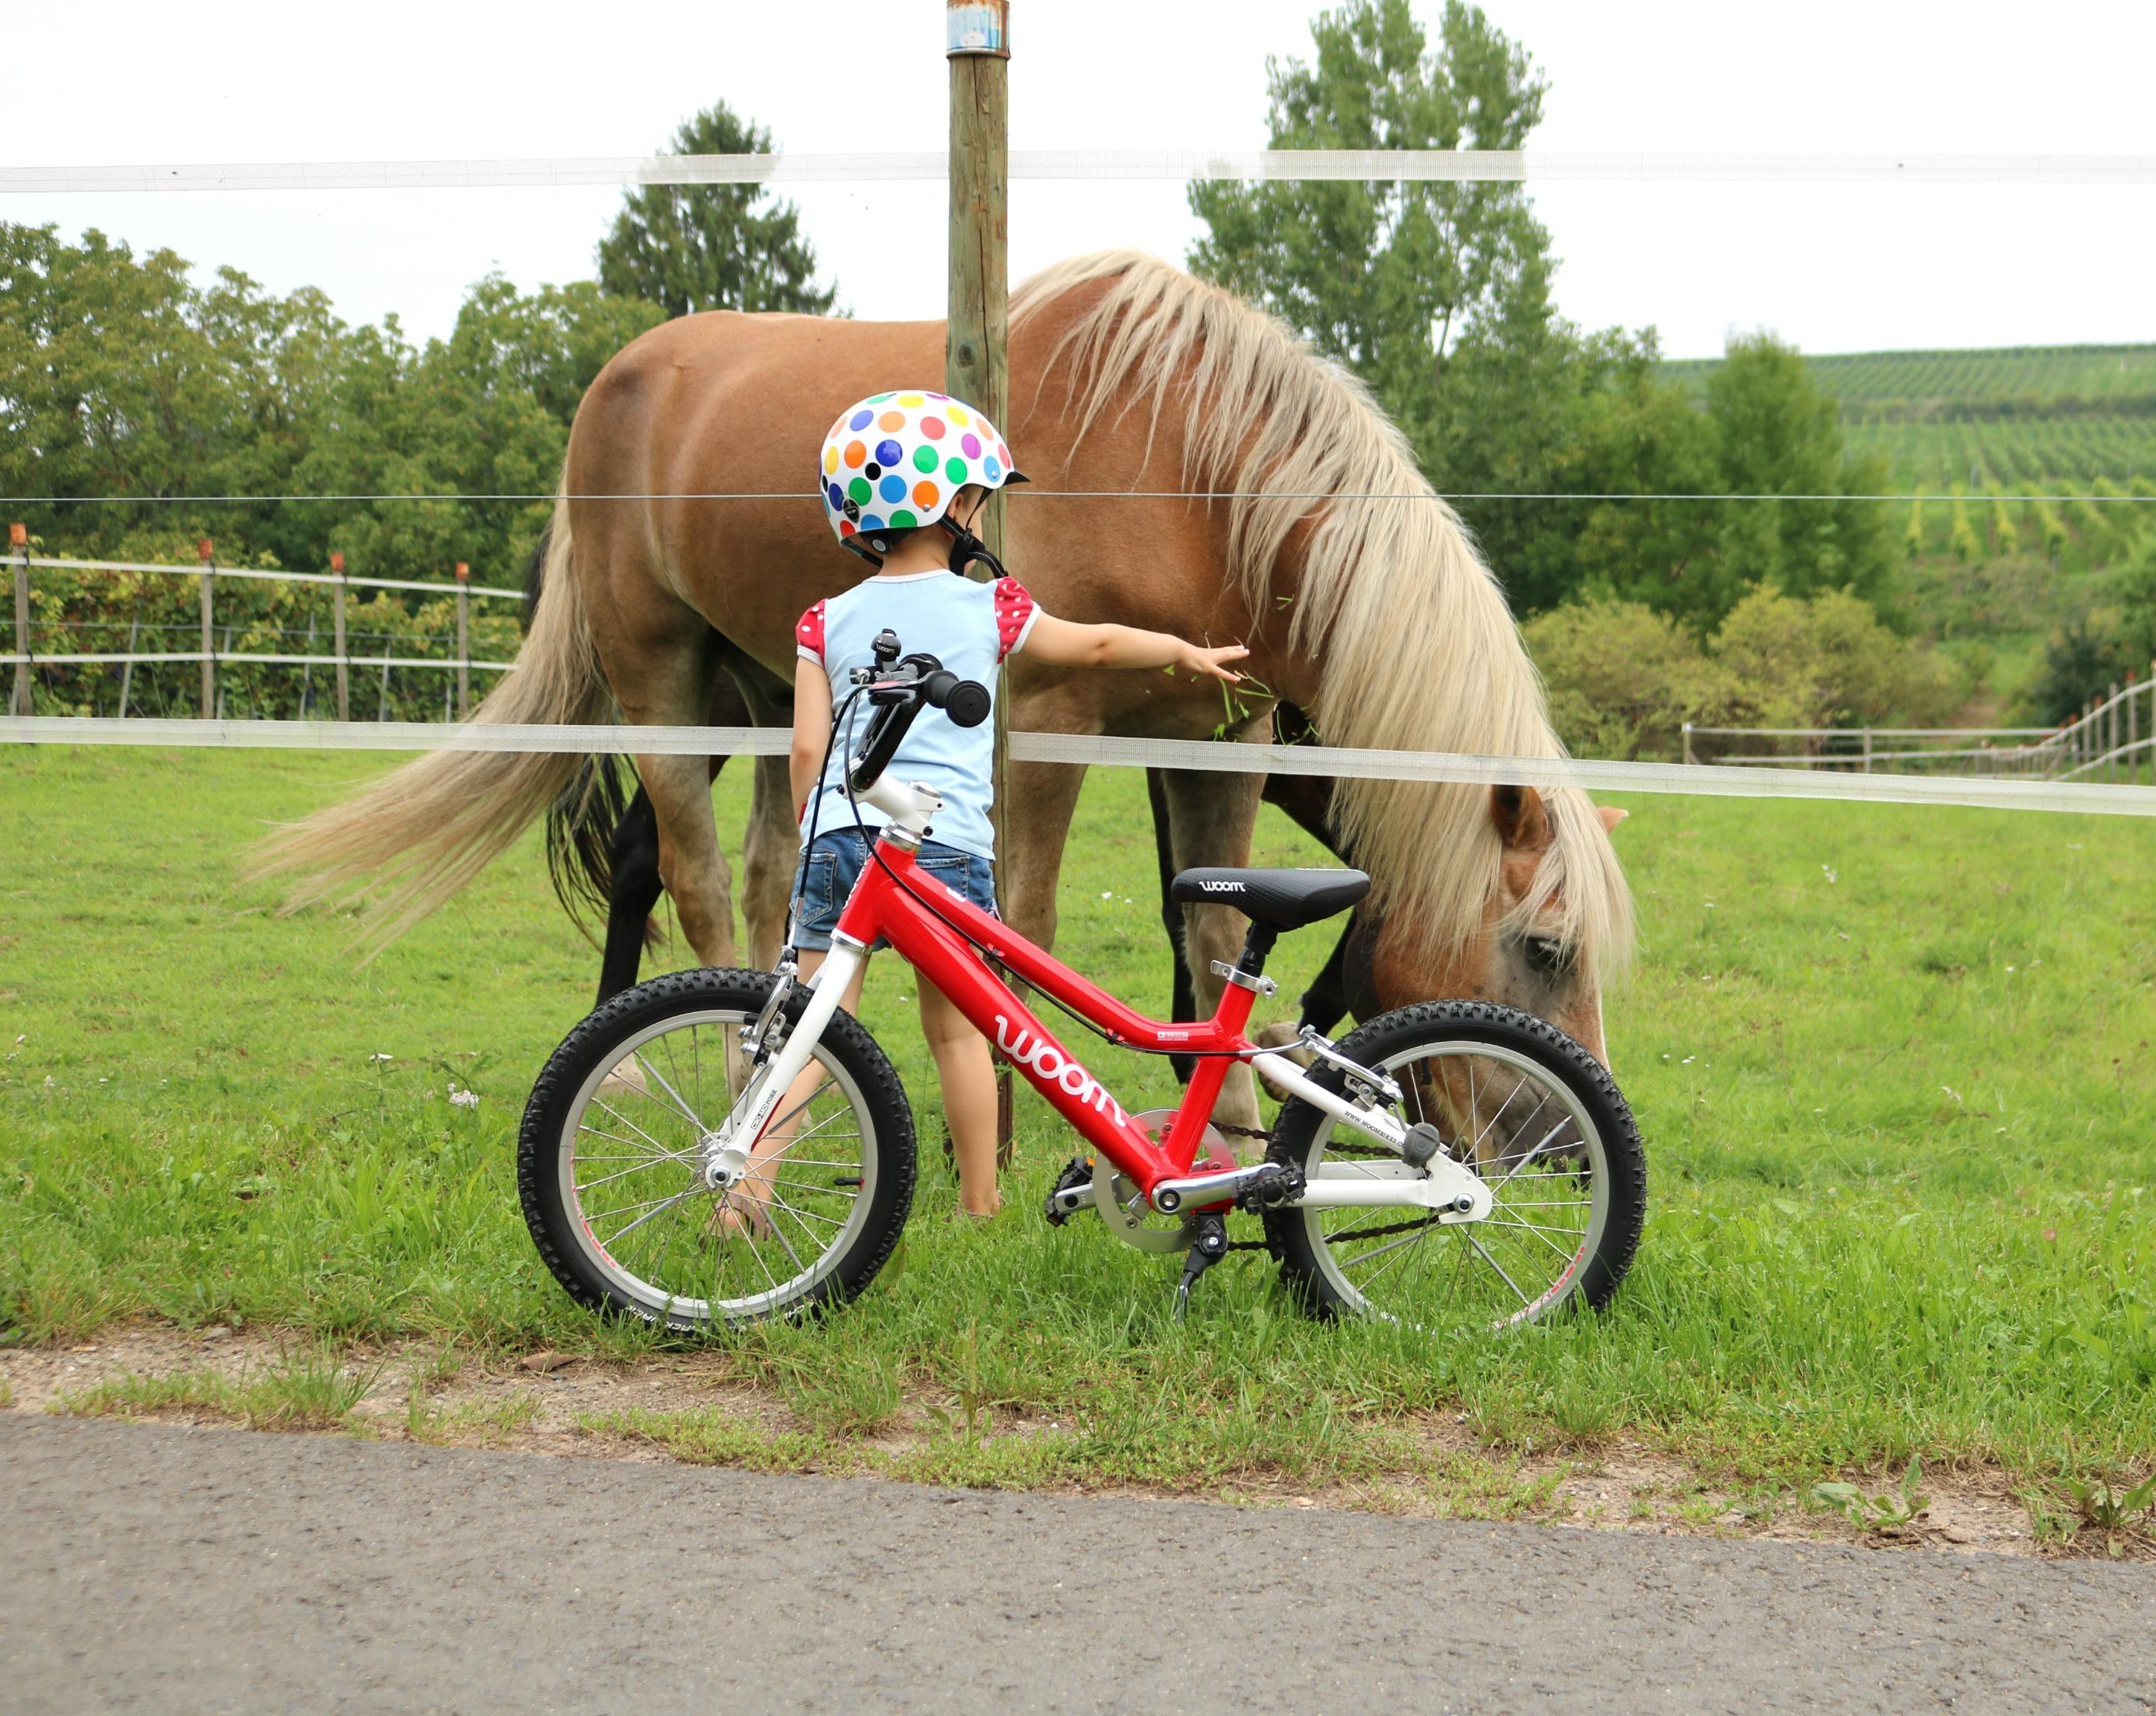 Brilliant Upcycling Fahrrad Dekoration Von Unsere Große Bekam Das Rote Woom Damals